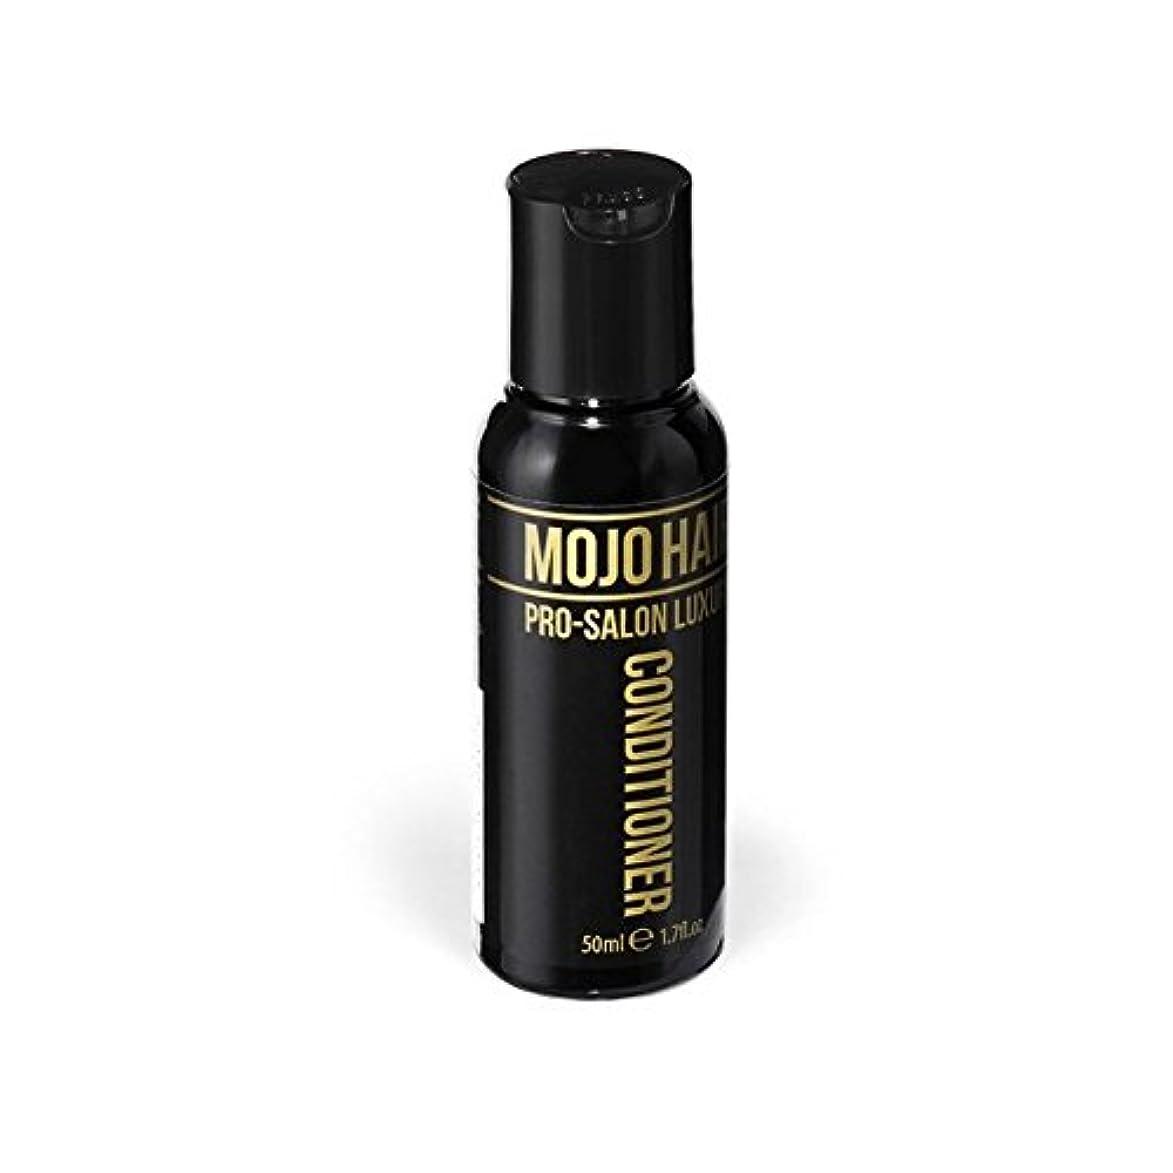 中断膨らませるペンモジョの毛プロのサロンの贅沢なコンディショナー(50ミリリットル) x2 - Mojo Hair Pro-Salon Luxury Conditioner (50ml) (Pack of 2) [並行輸入品]